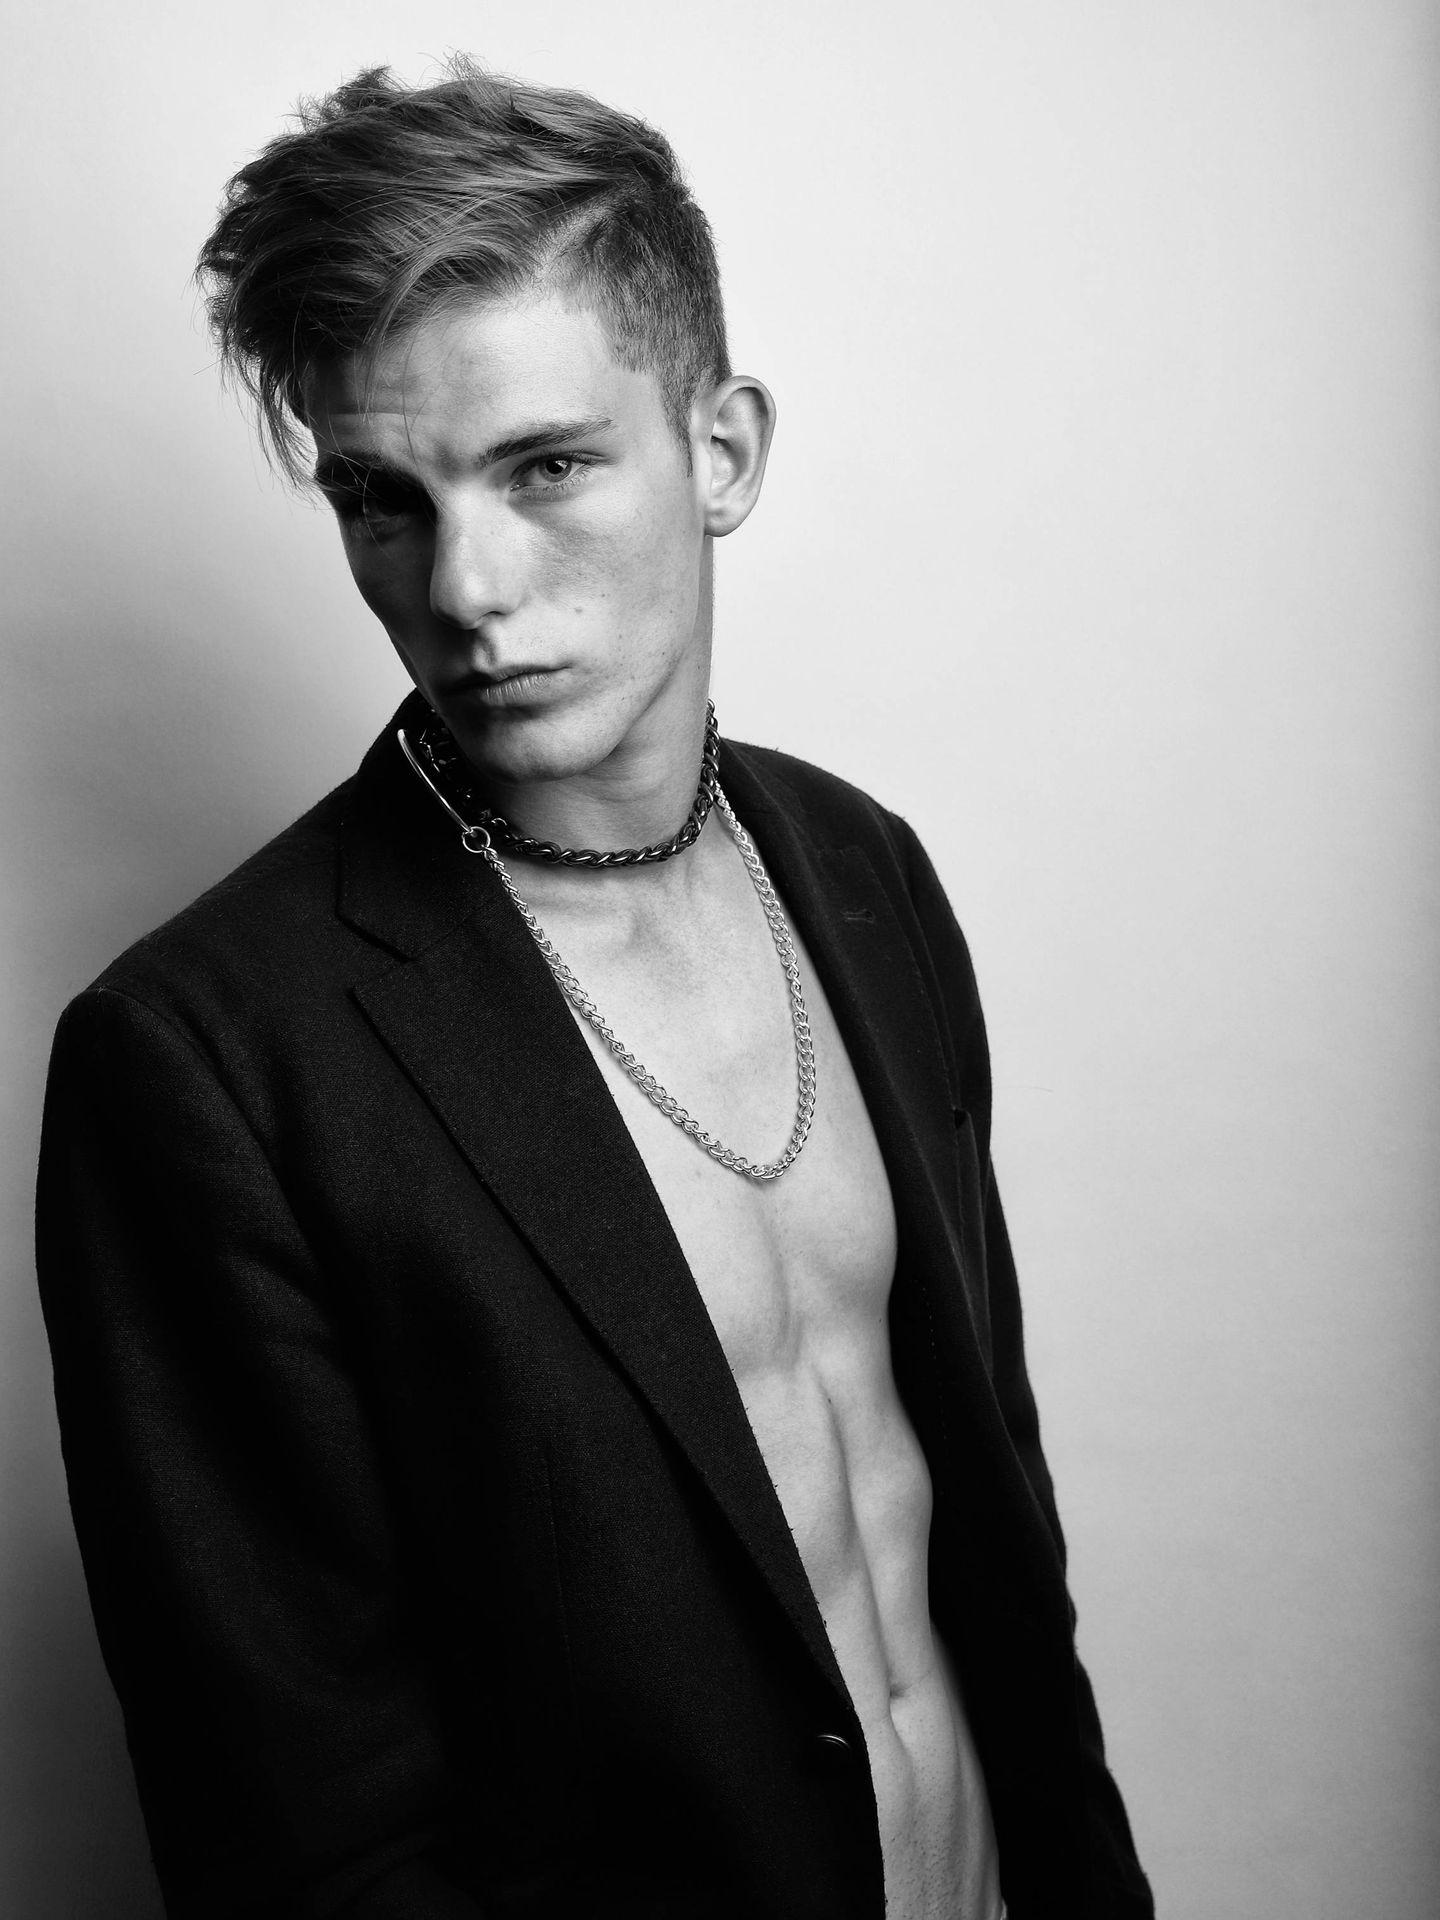 Ignacio de Borbón. (Fotografía de Ángela Candelas. Cortesía de Francina Models)